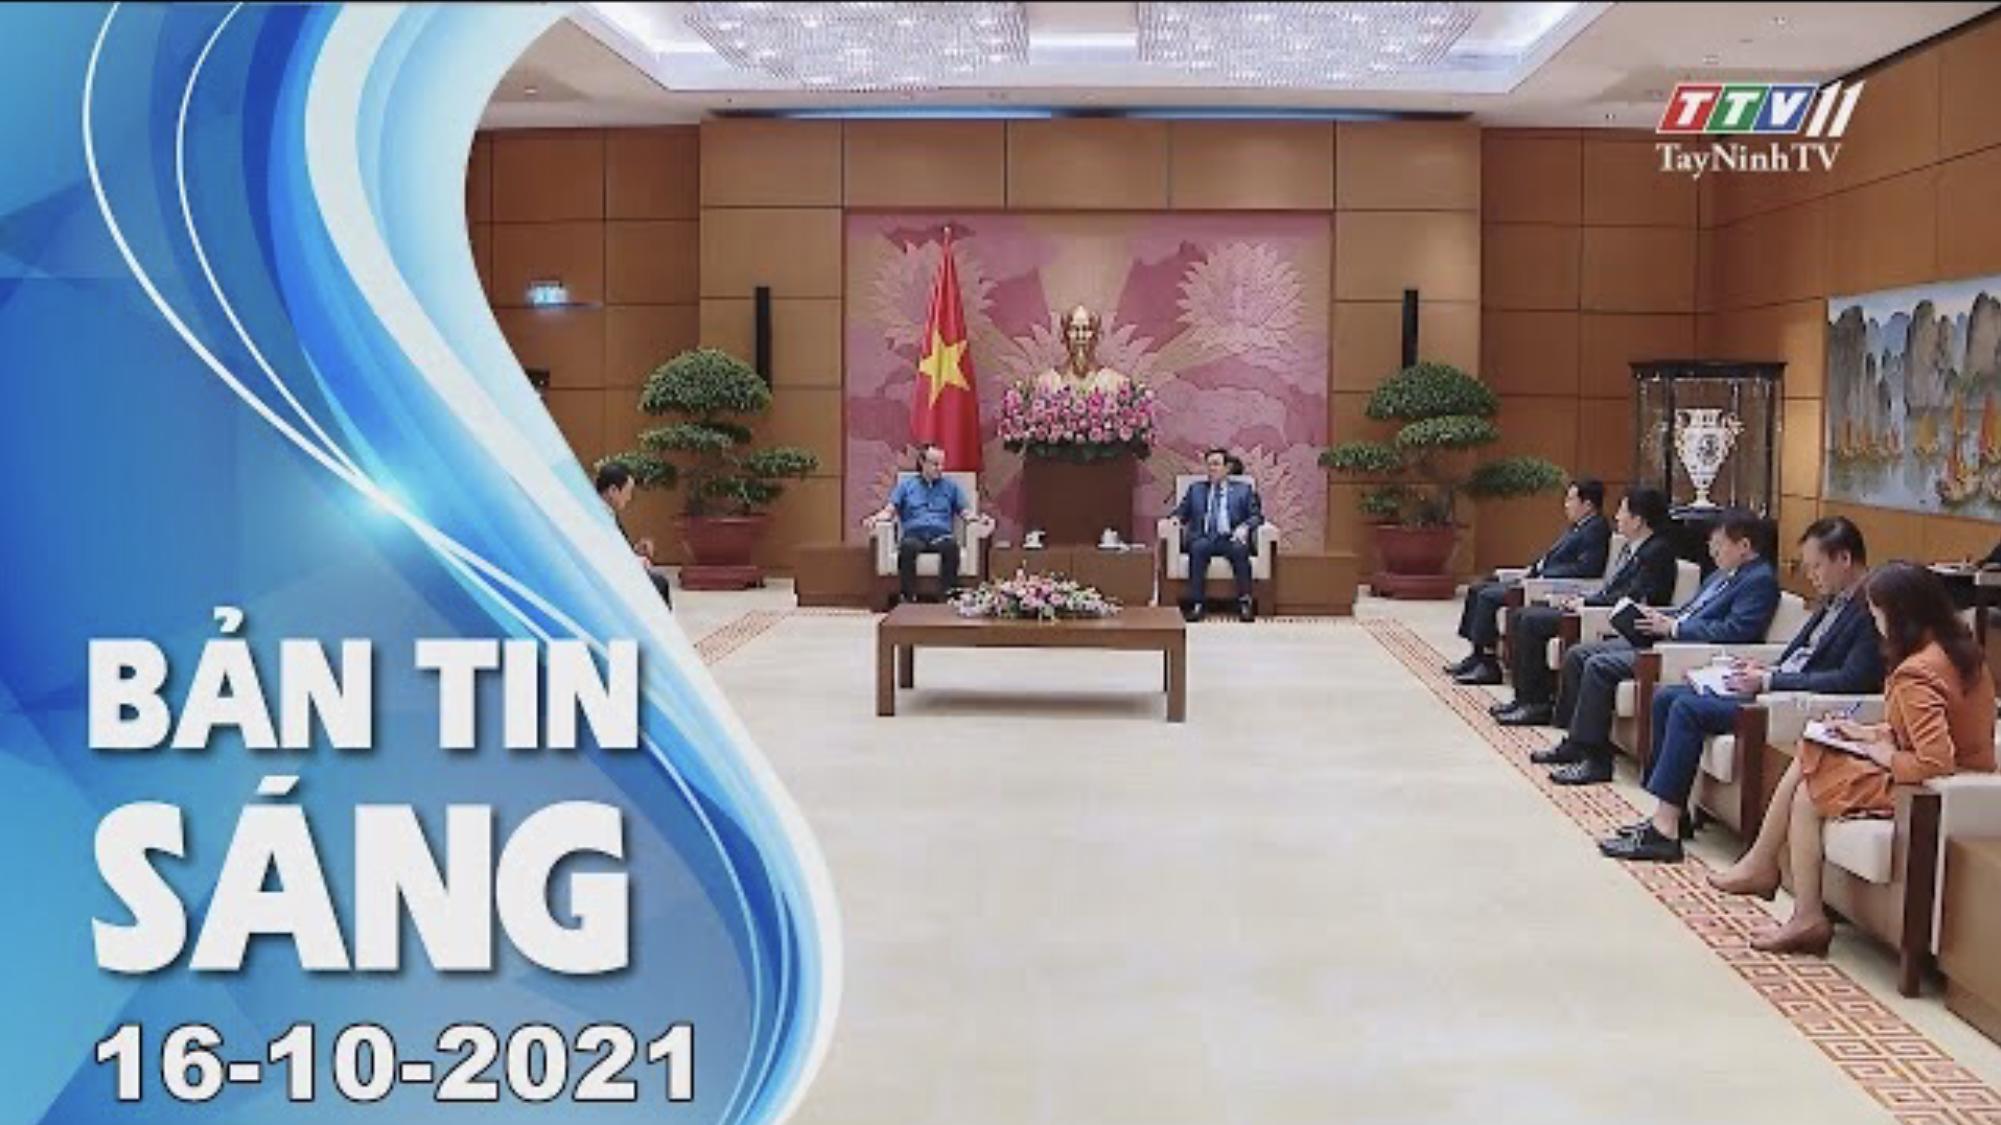 BẢN TIN SÁNG 16/10/2021 | Tin tức hôm nay | TayNinhTV